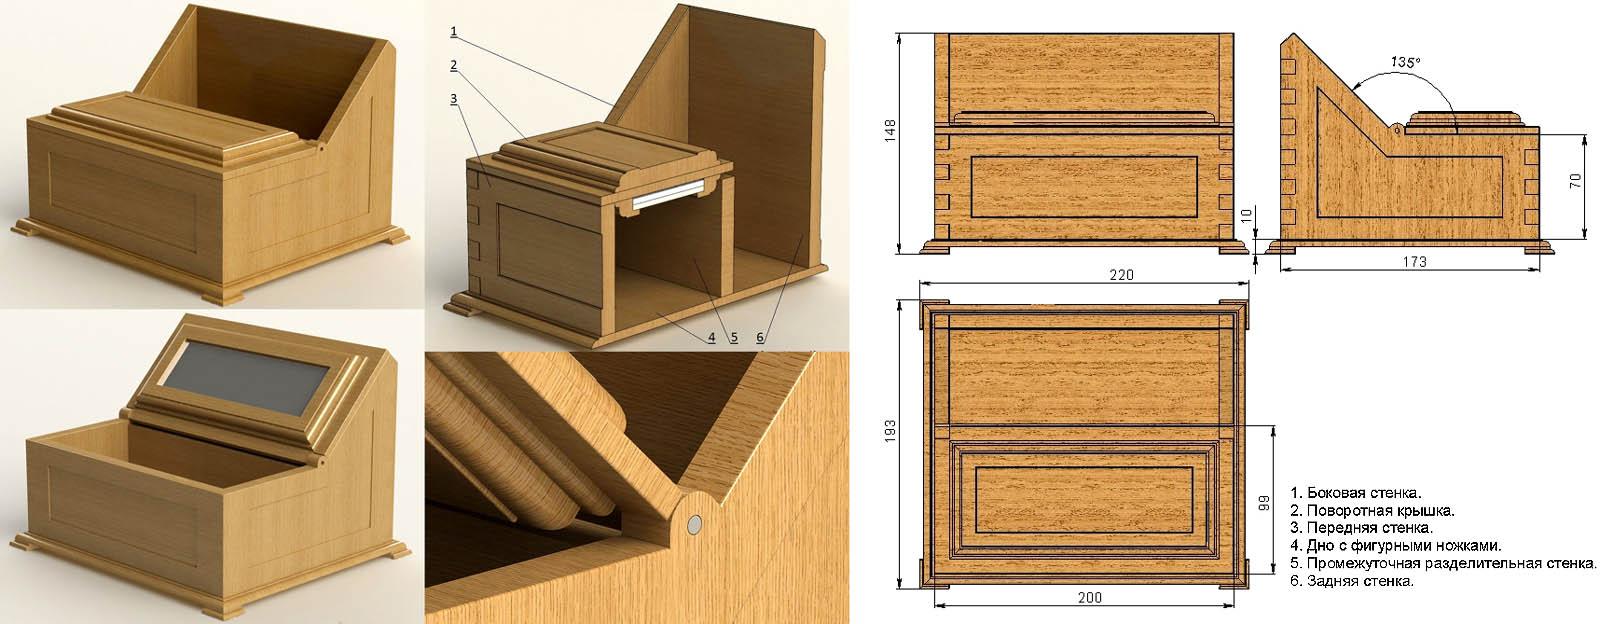 Устройство деревянной шкатулки-секретера